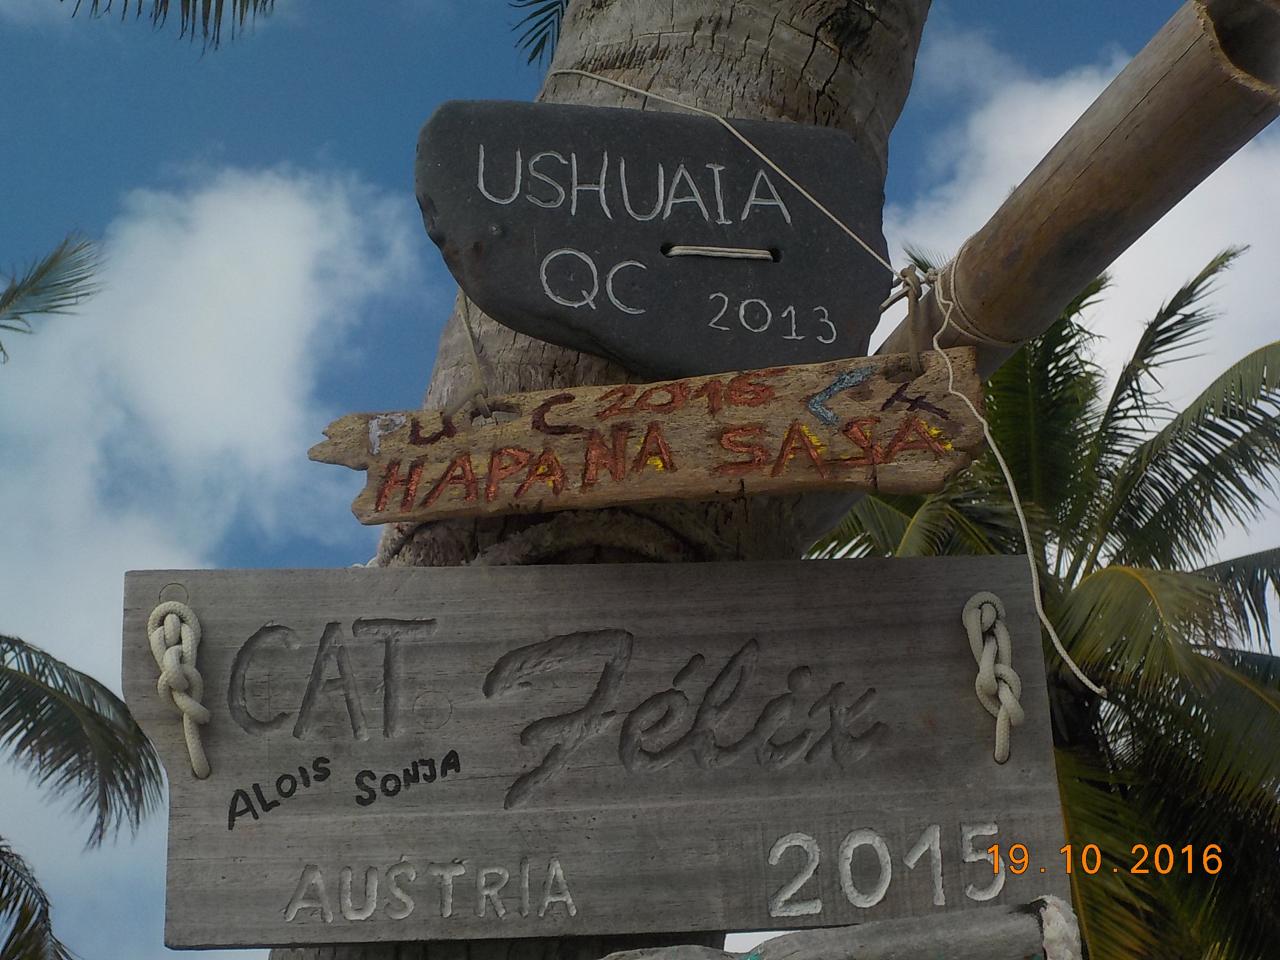 Das Bootsschild der hapa na sasa auf Cocos Keeling